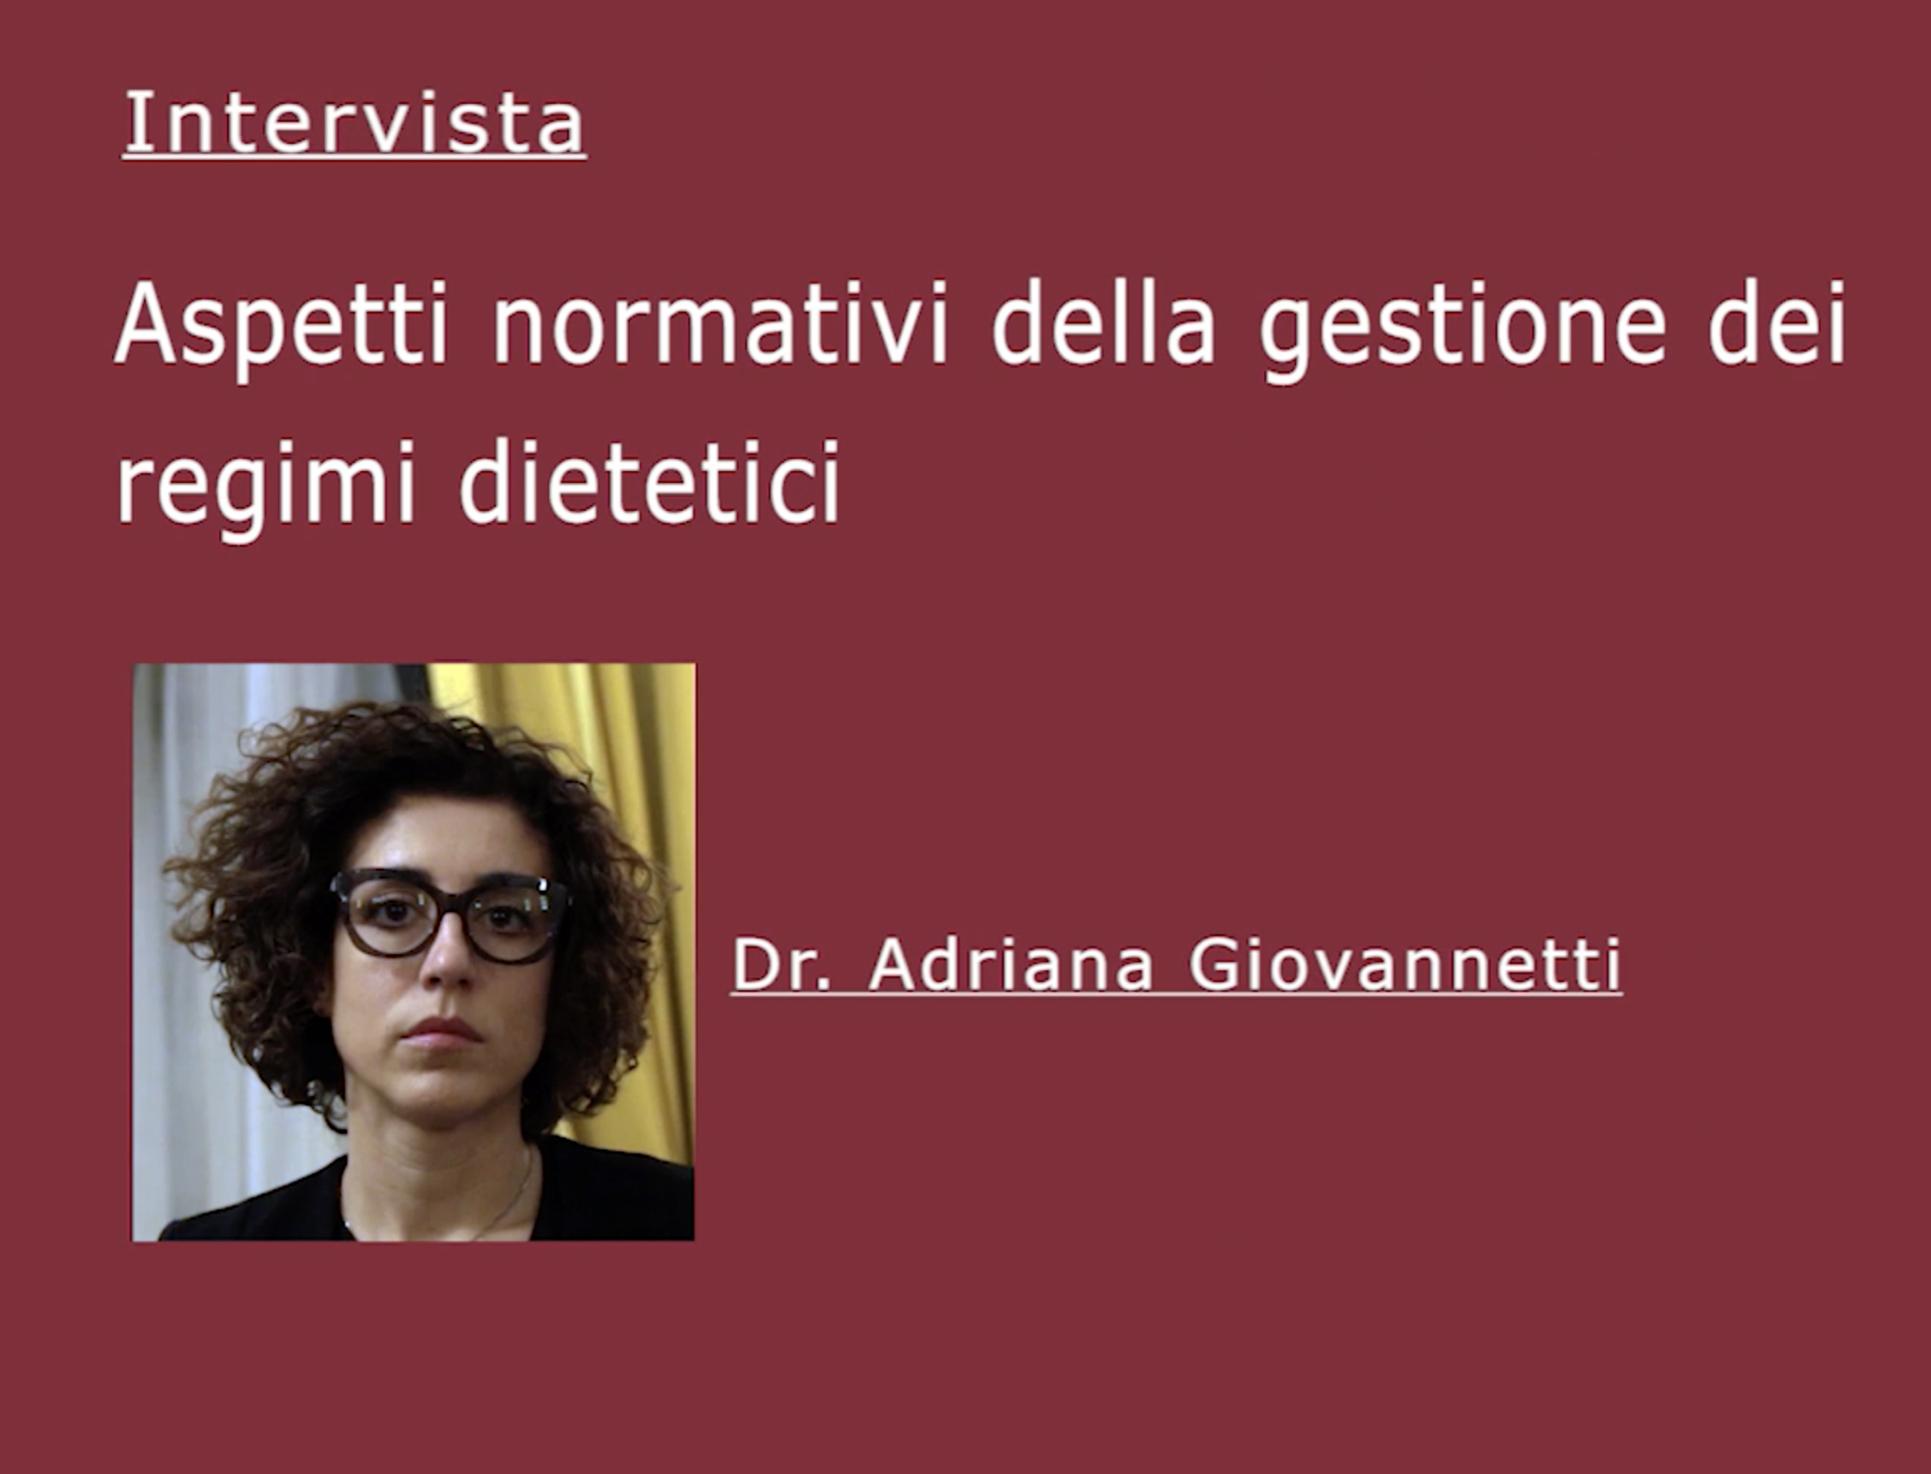 Dr. Adriana Giovannetti1